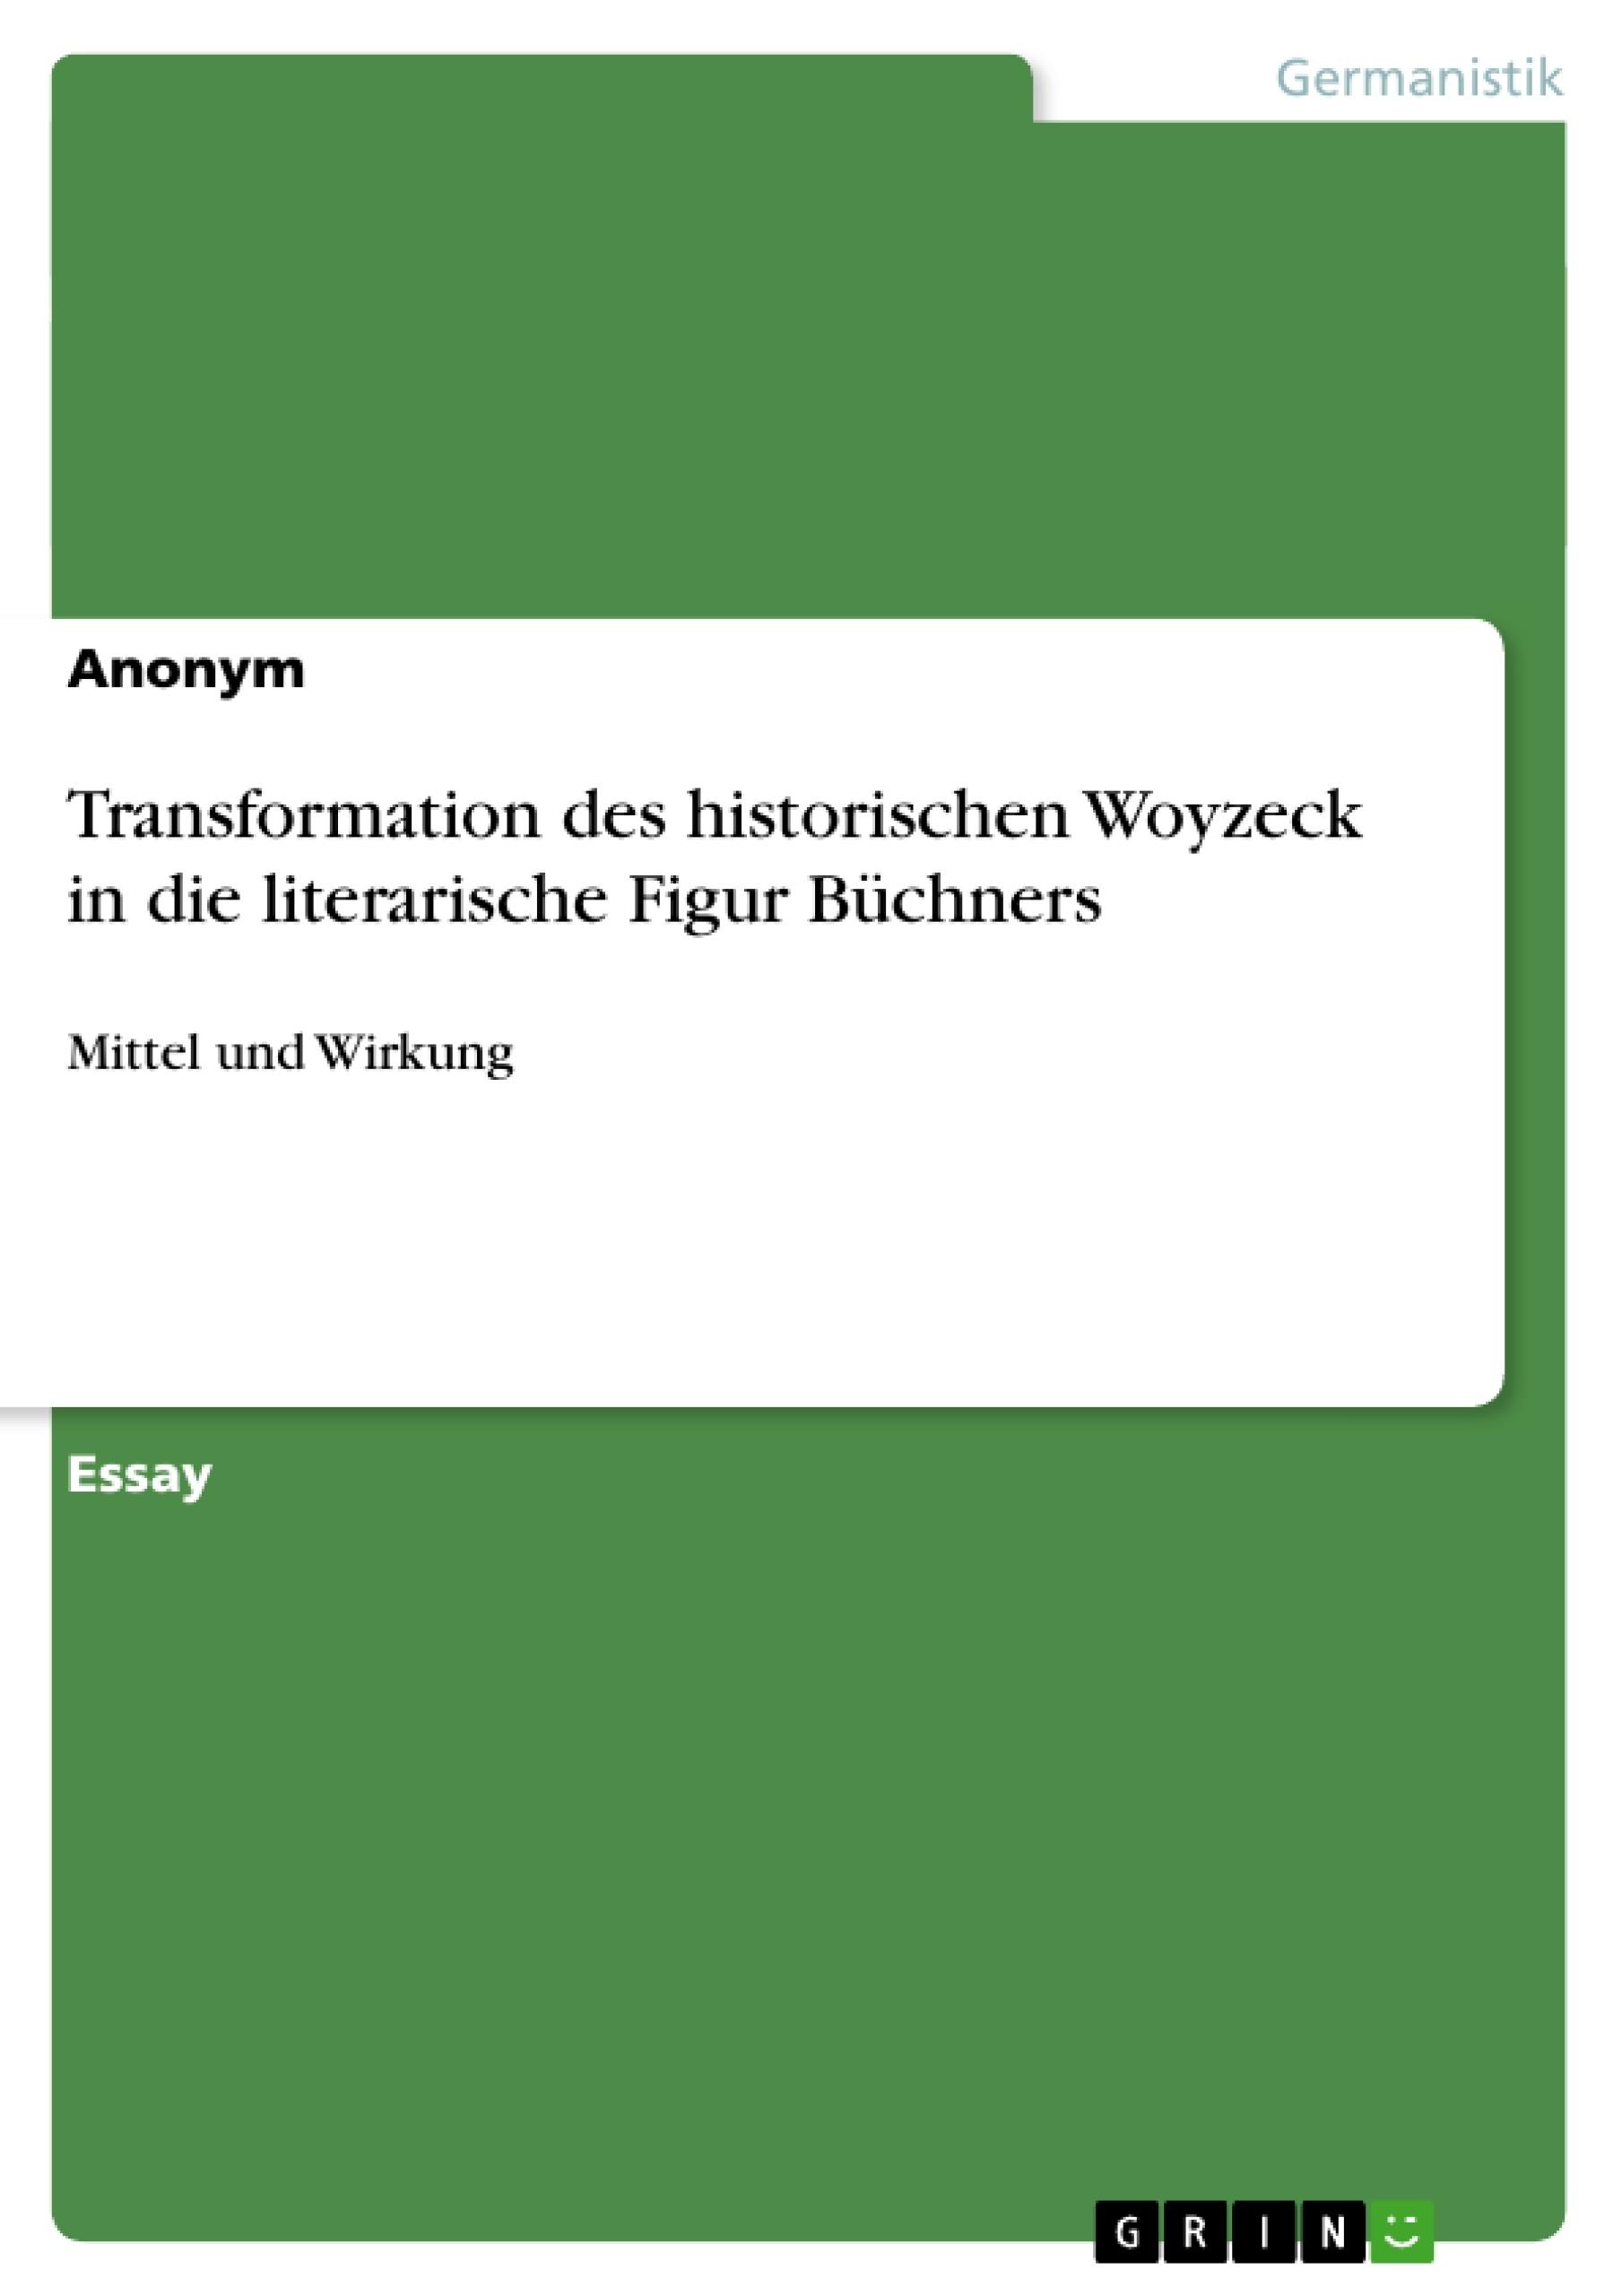 Titel: Transformation des historischen Woyzeck in die literarische Figur Büchners